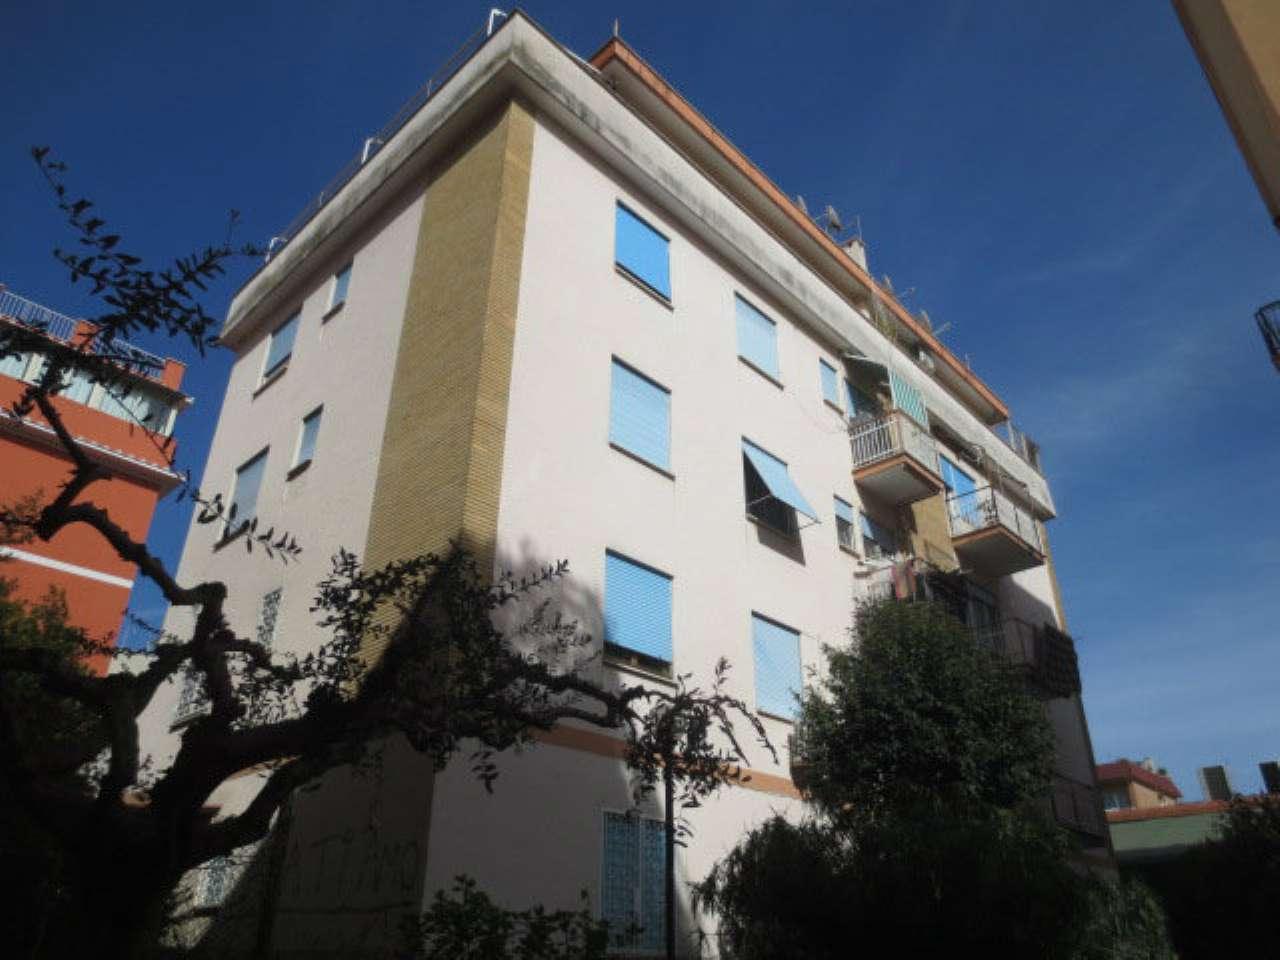 Appartamento in vendita a Roma, 3 locali, zona Zona: 24 . Gianicolense - Colli Portuensi - Monteverde, prezzo € 185.000   CambioCasa.it